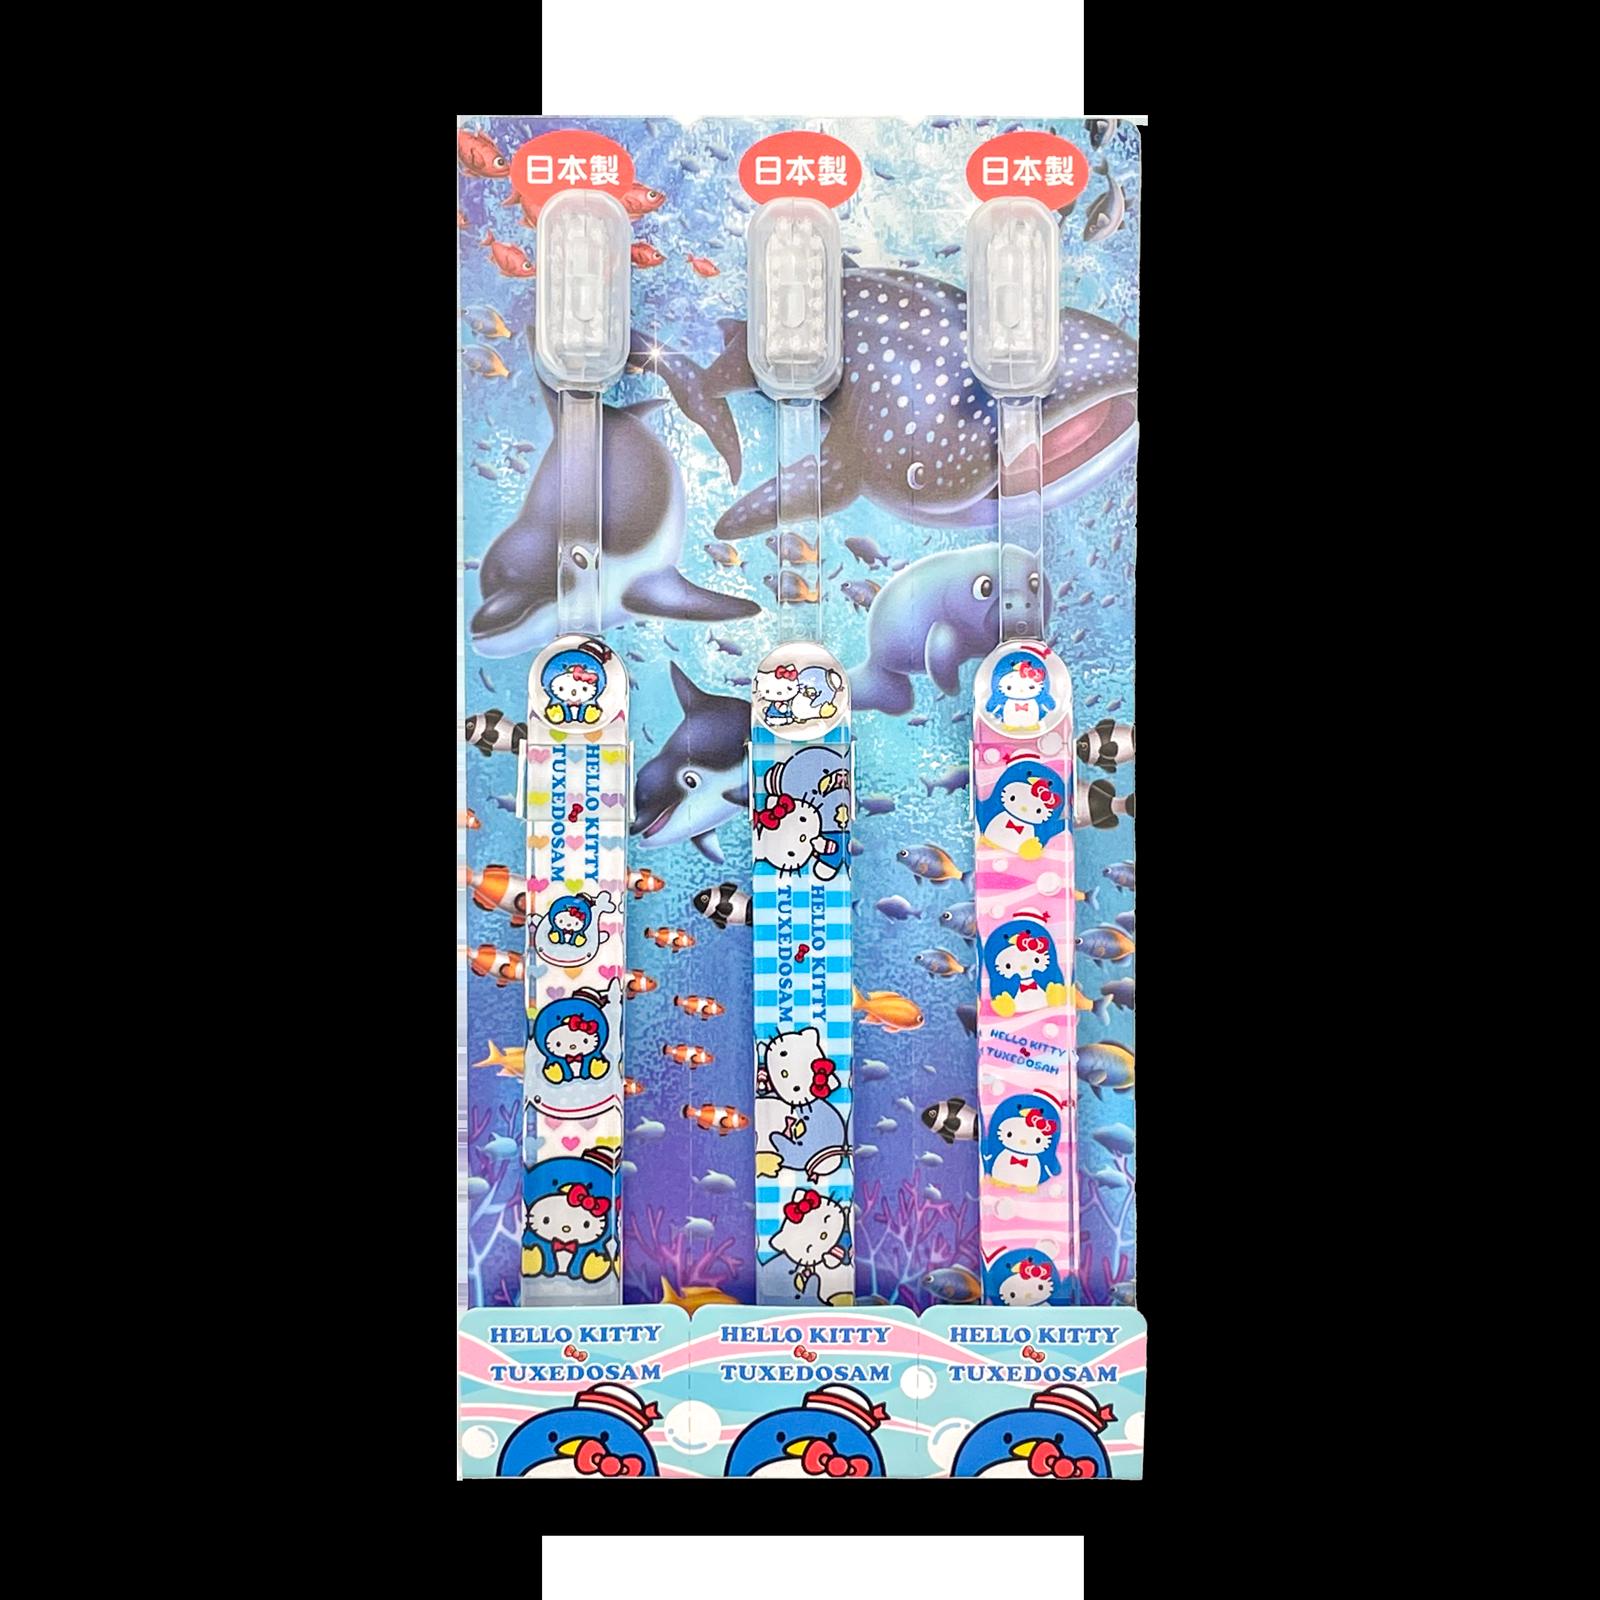 タキシードサムXハローキティ歯ブラシ3本セット